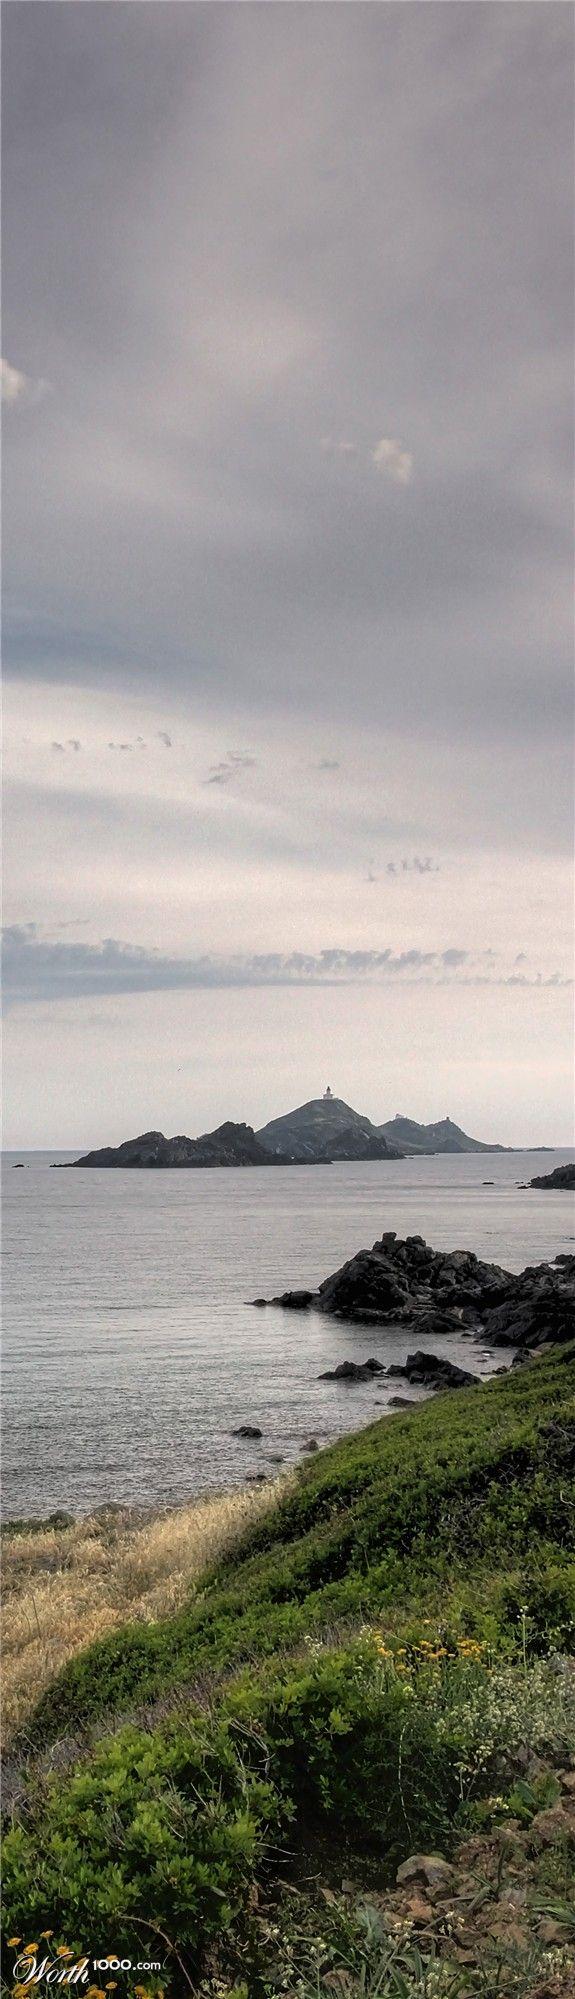 Les îles sanguinaires - Ajaccio - Corse